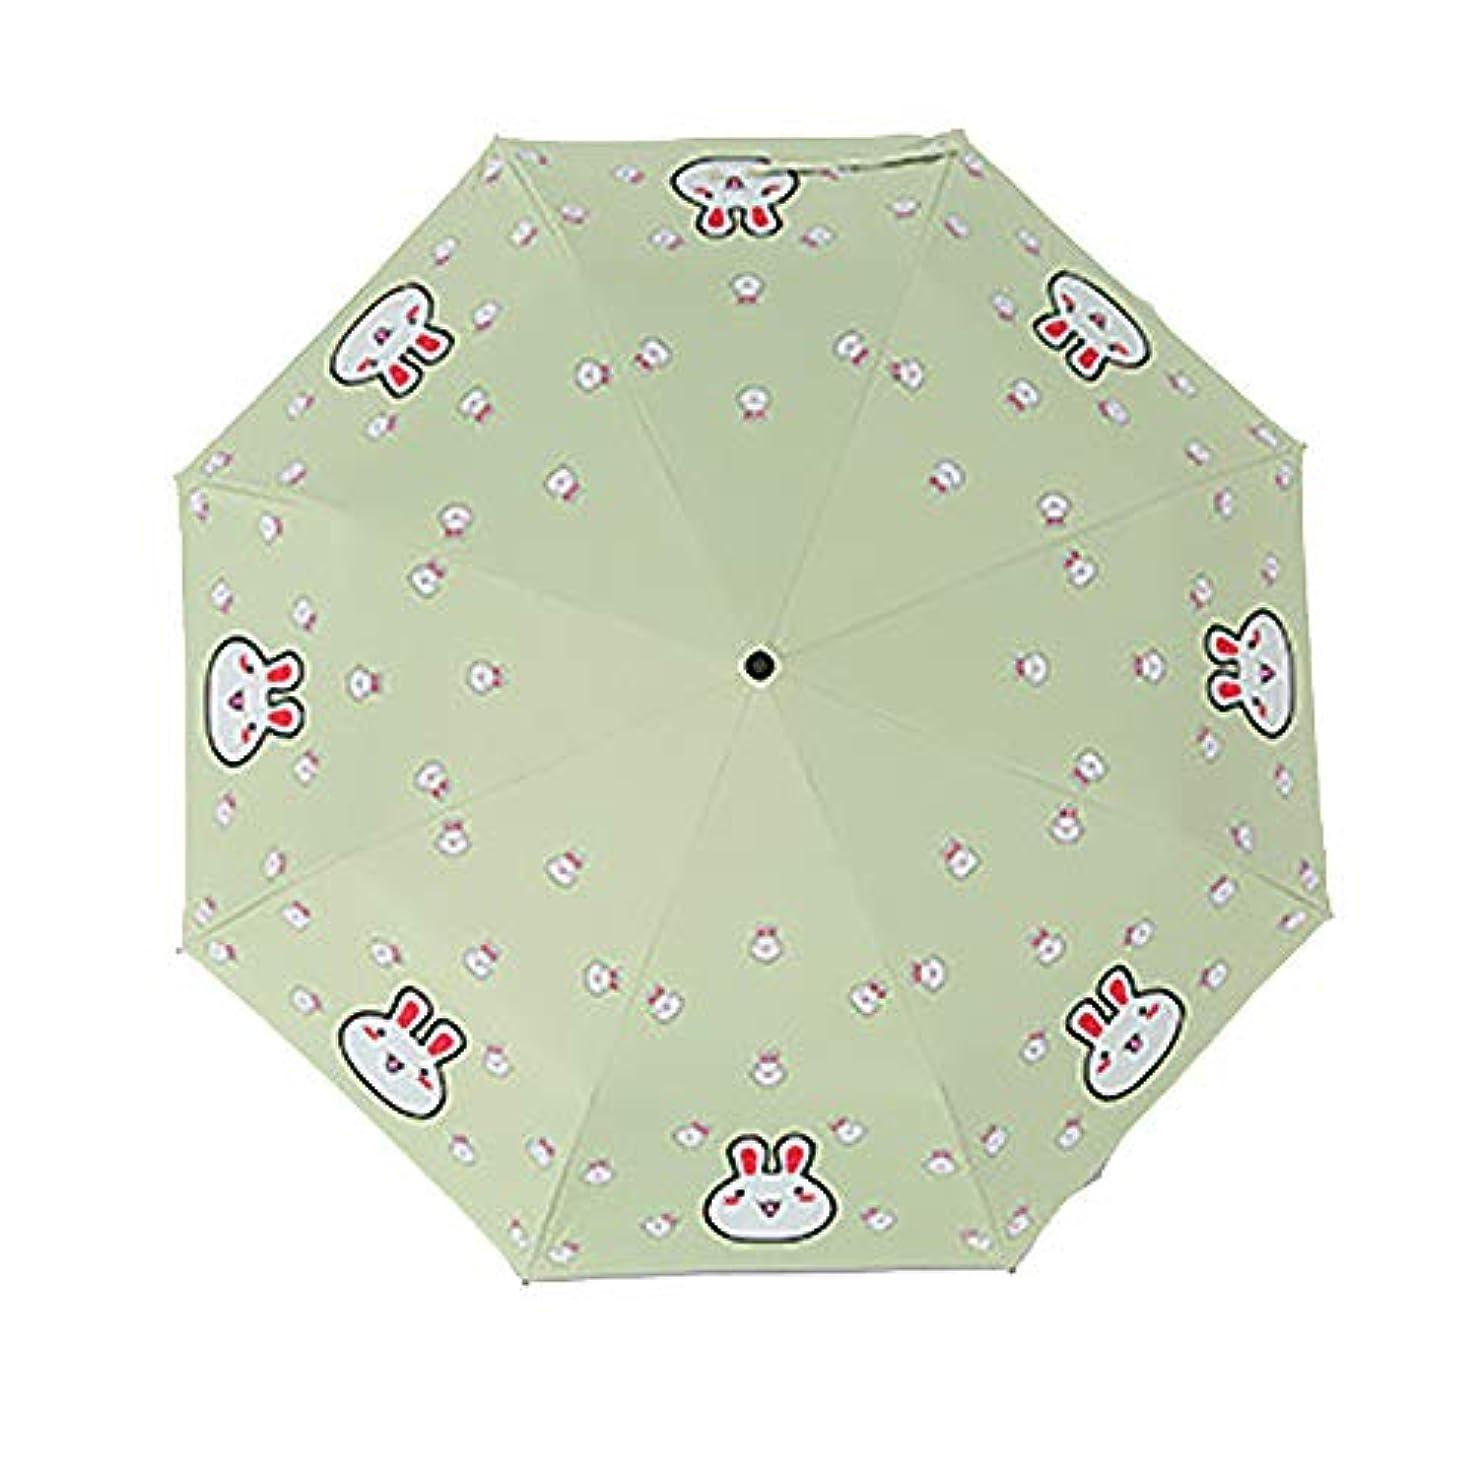 魔術師パットコミット小さな新鮮な太陽の傘の漫画かわいい黒いプラスチックの雨デュアルユースの日焼け止めシンプルな学生の傘の折り畳み傘の女性